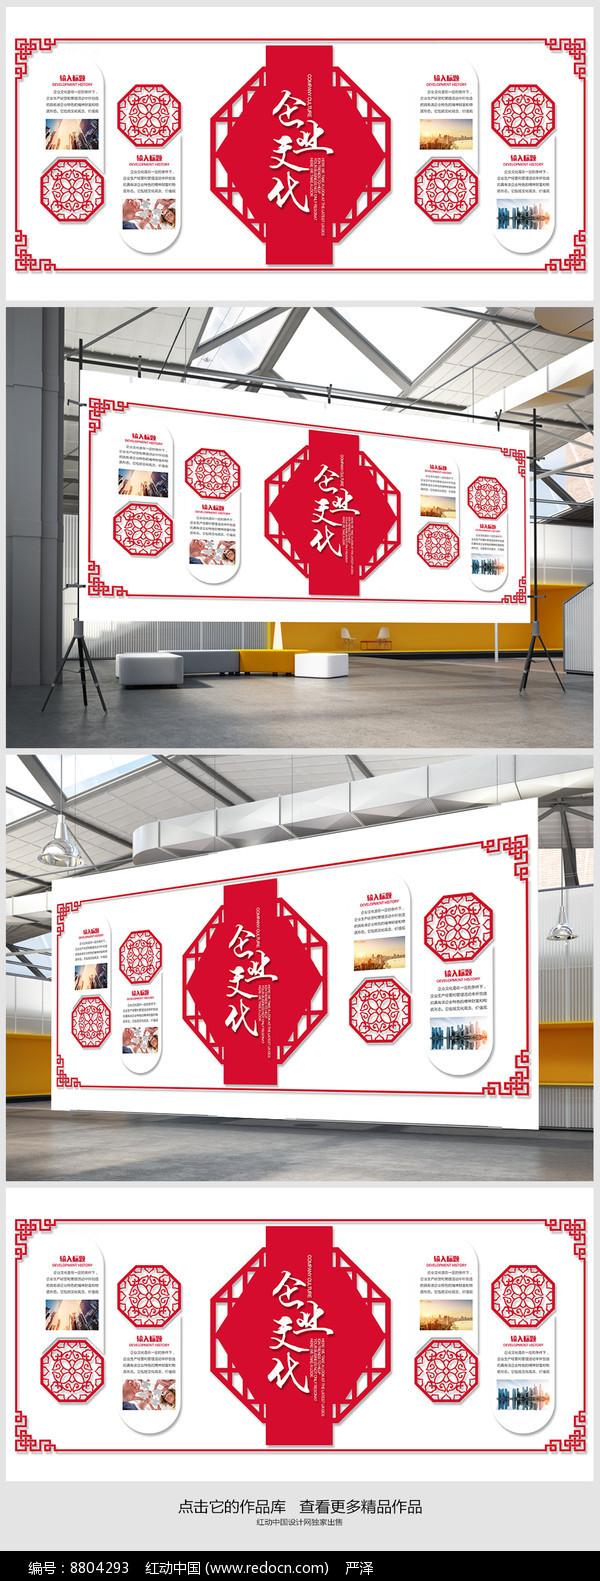 传统中国风企业文化墙图片